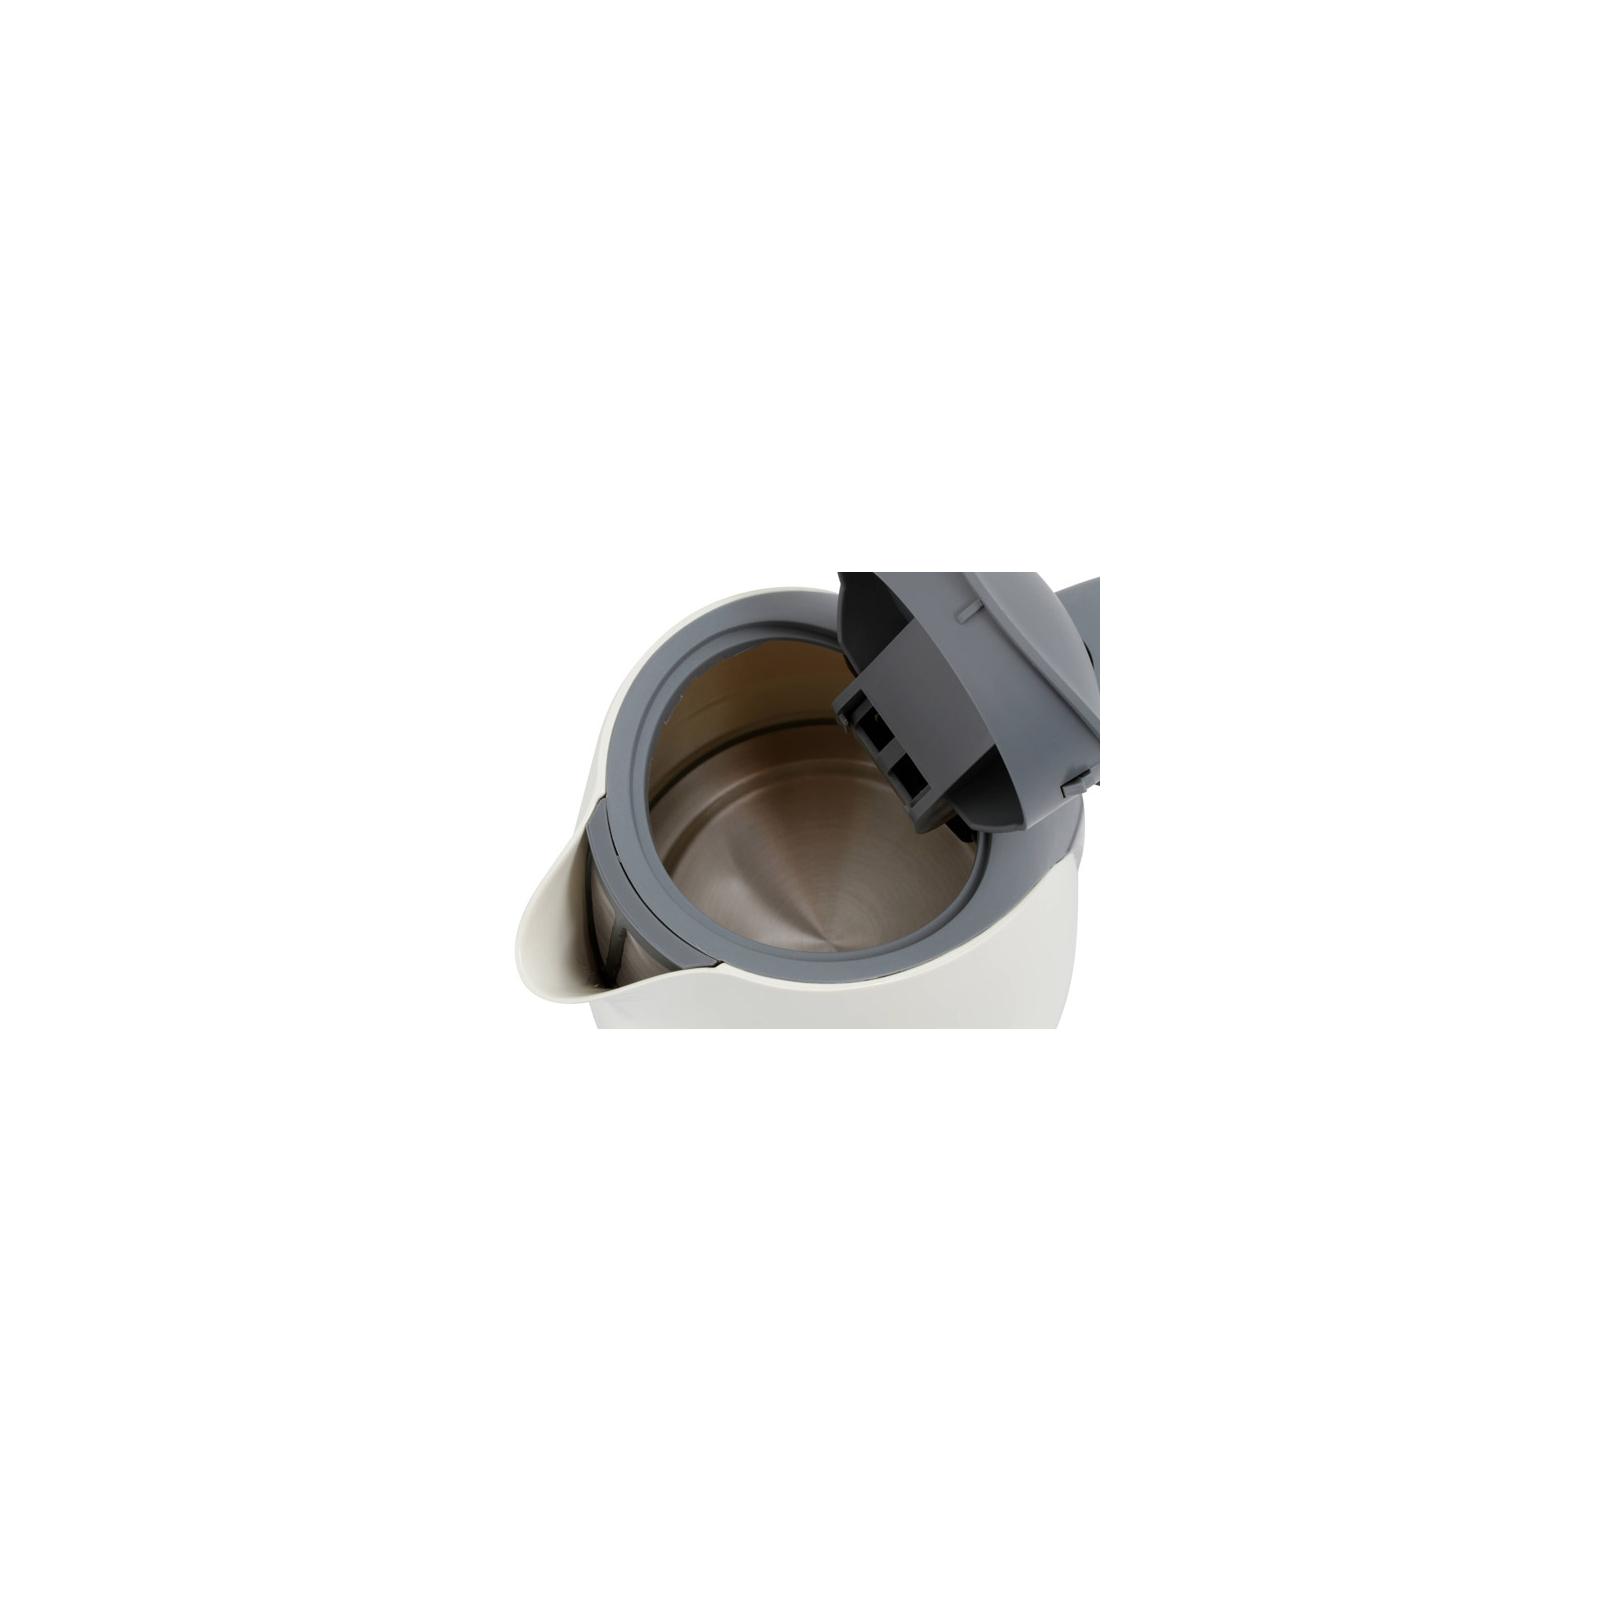 Электрочайник BOSCH TWK 7701 RU (TWK7701RU) изображение 2